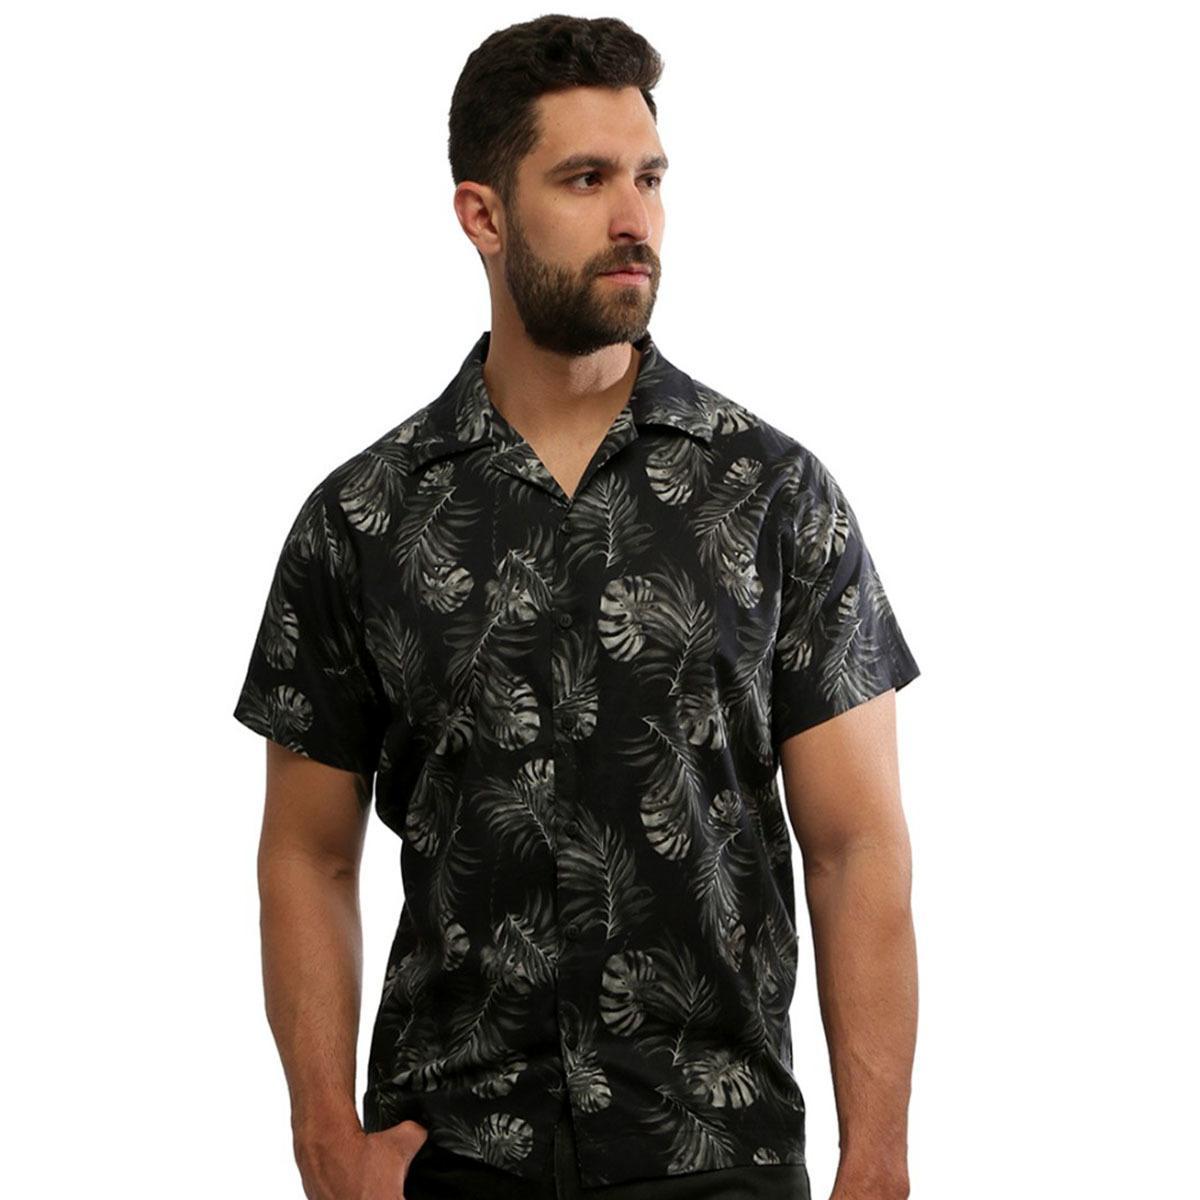 Camisa masculina manga curta estampada com botão 100% algodão Dark Forest - Hardivision